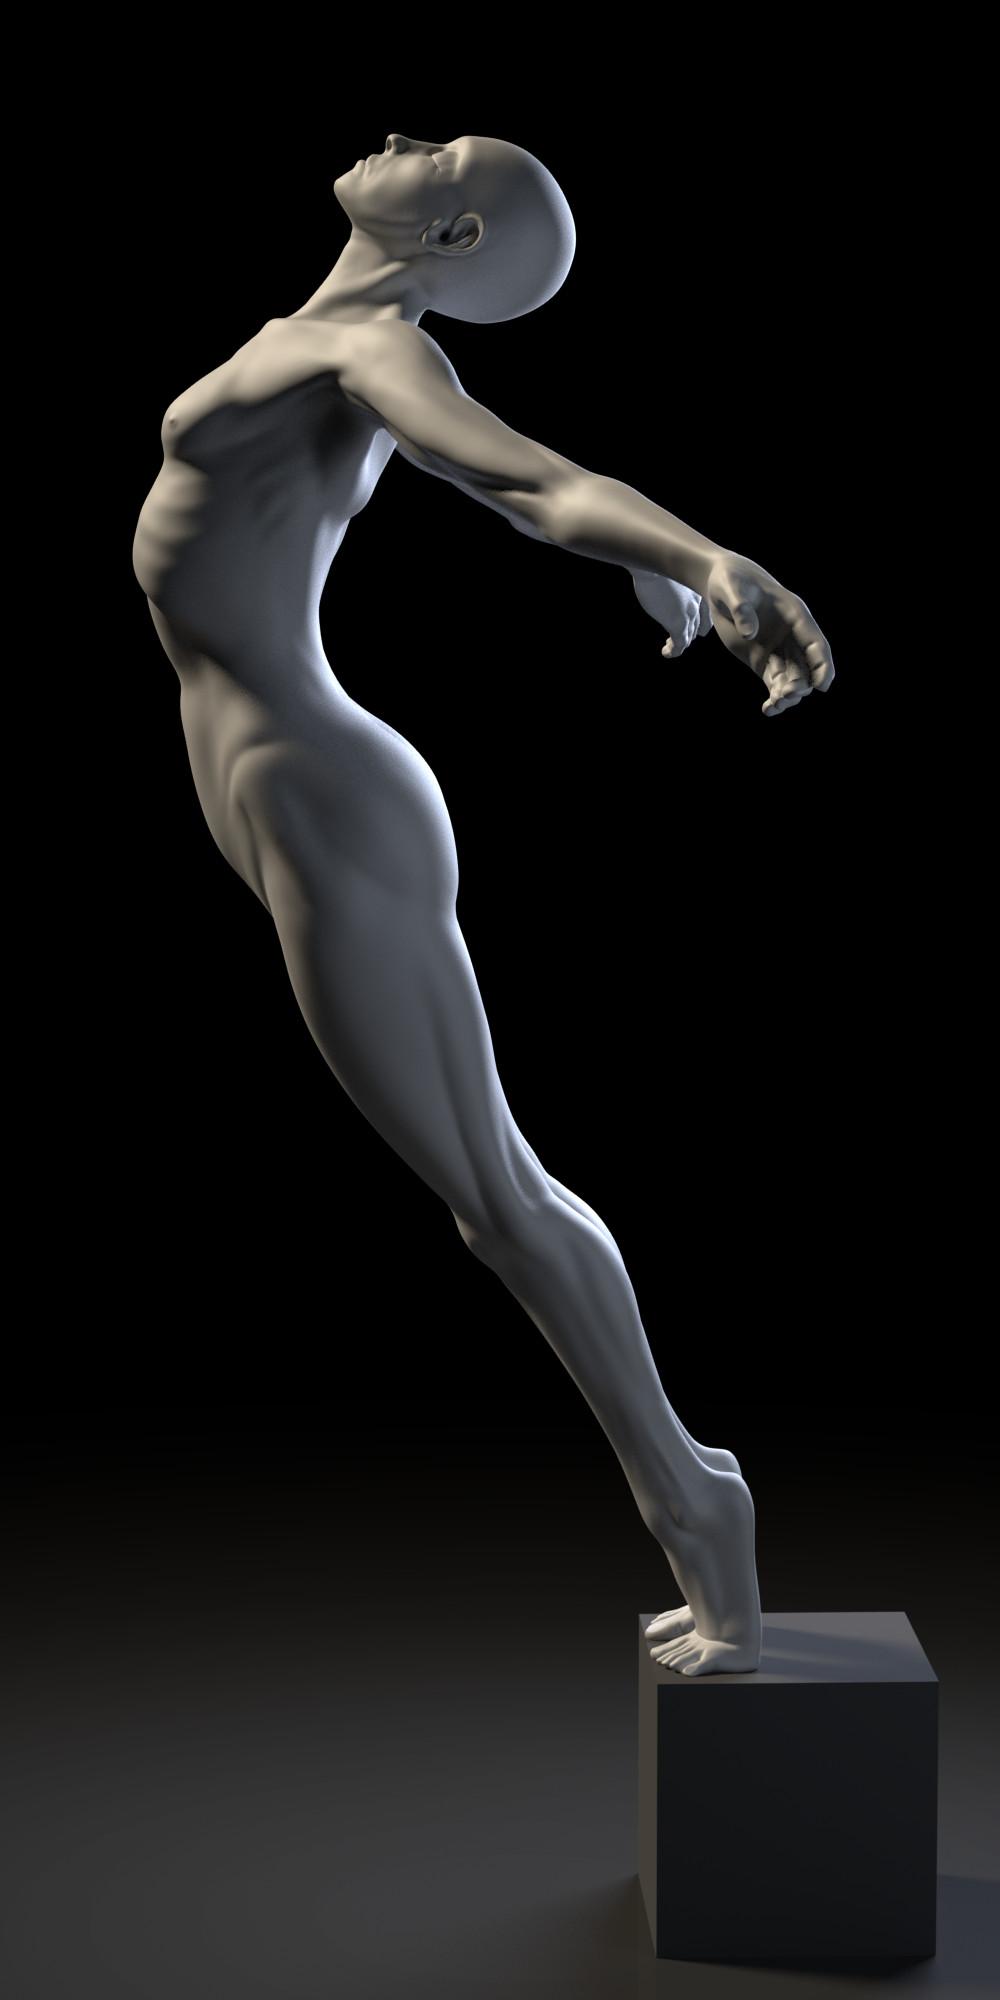 Warm Study The Nude Female Anatomy Scenes